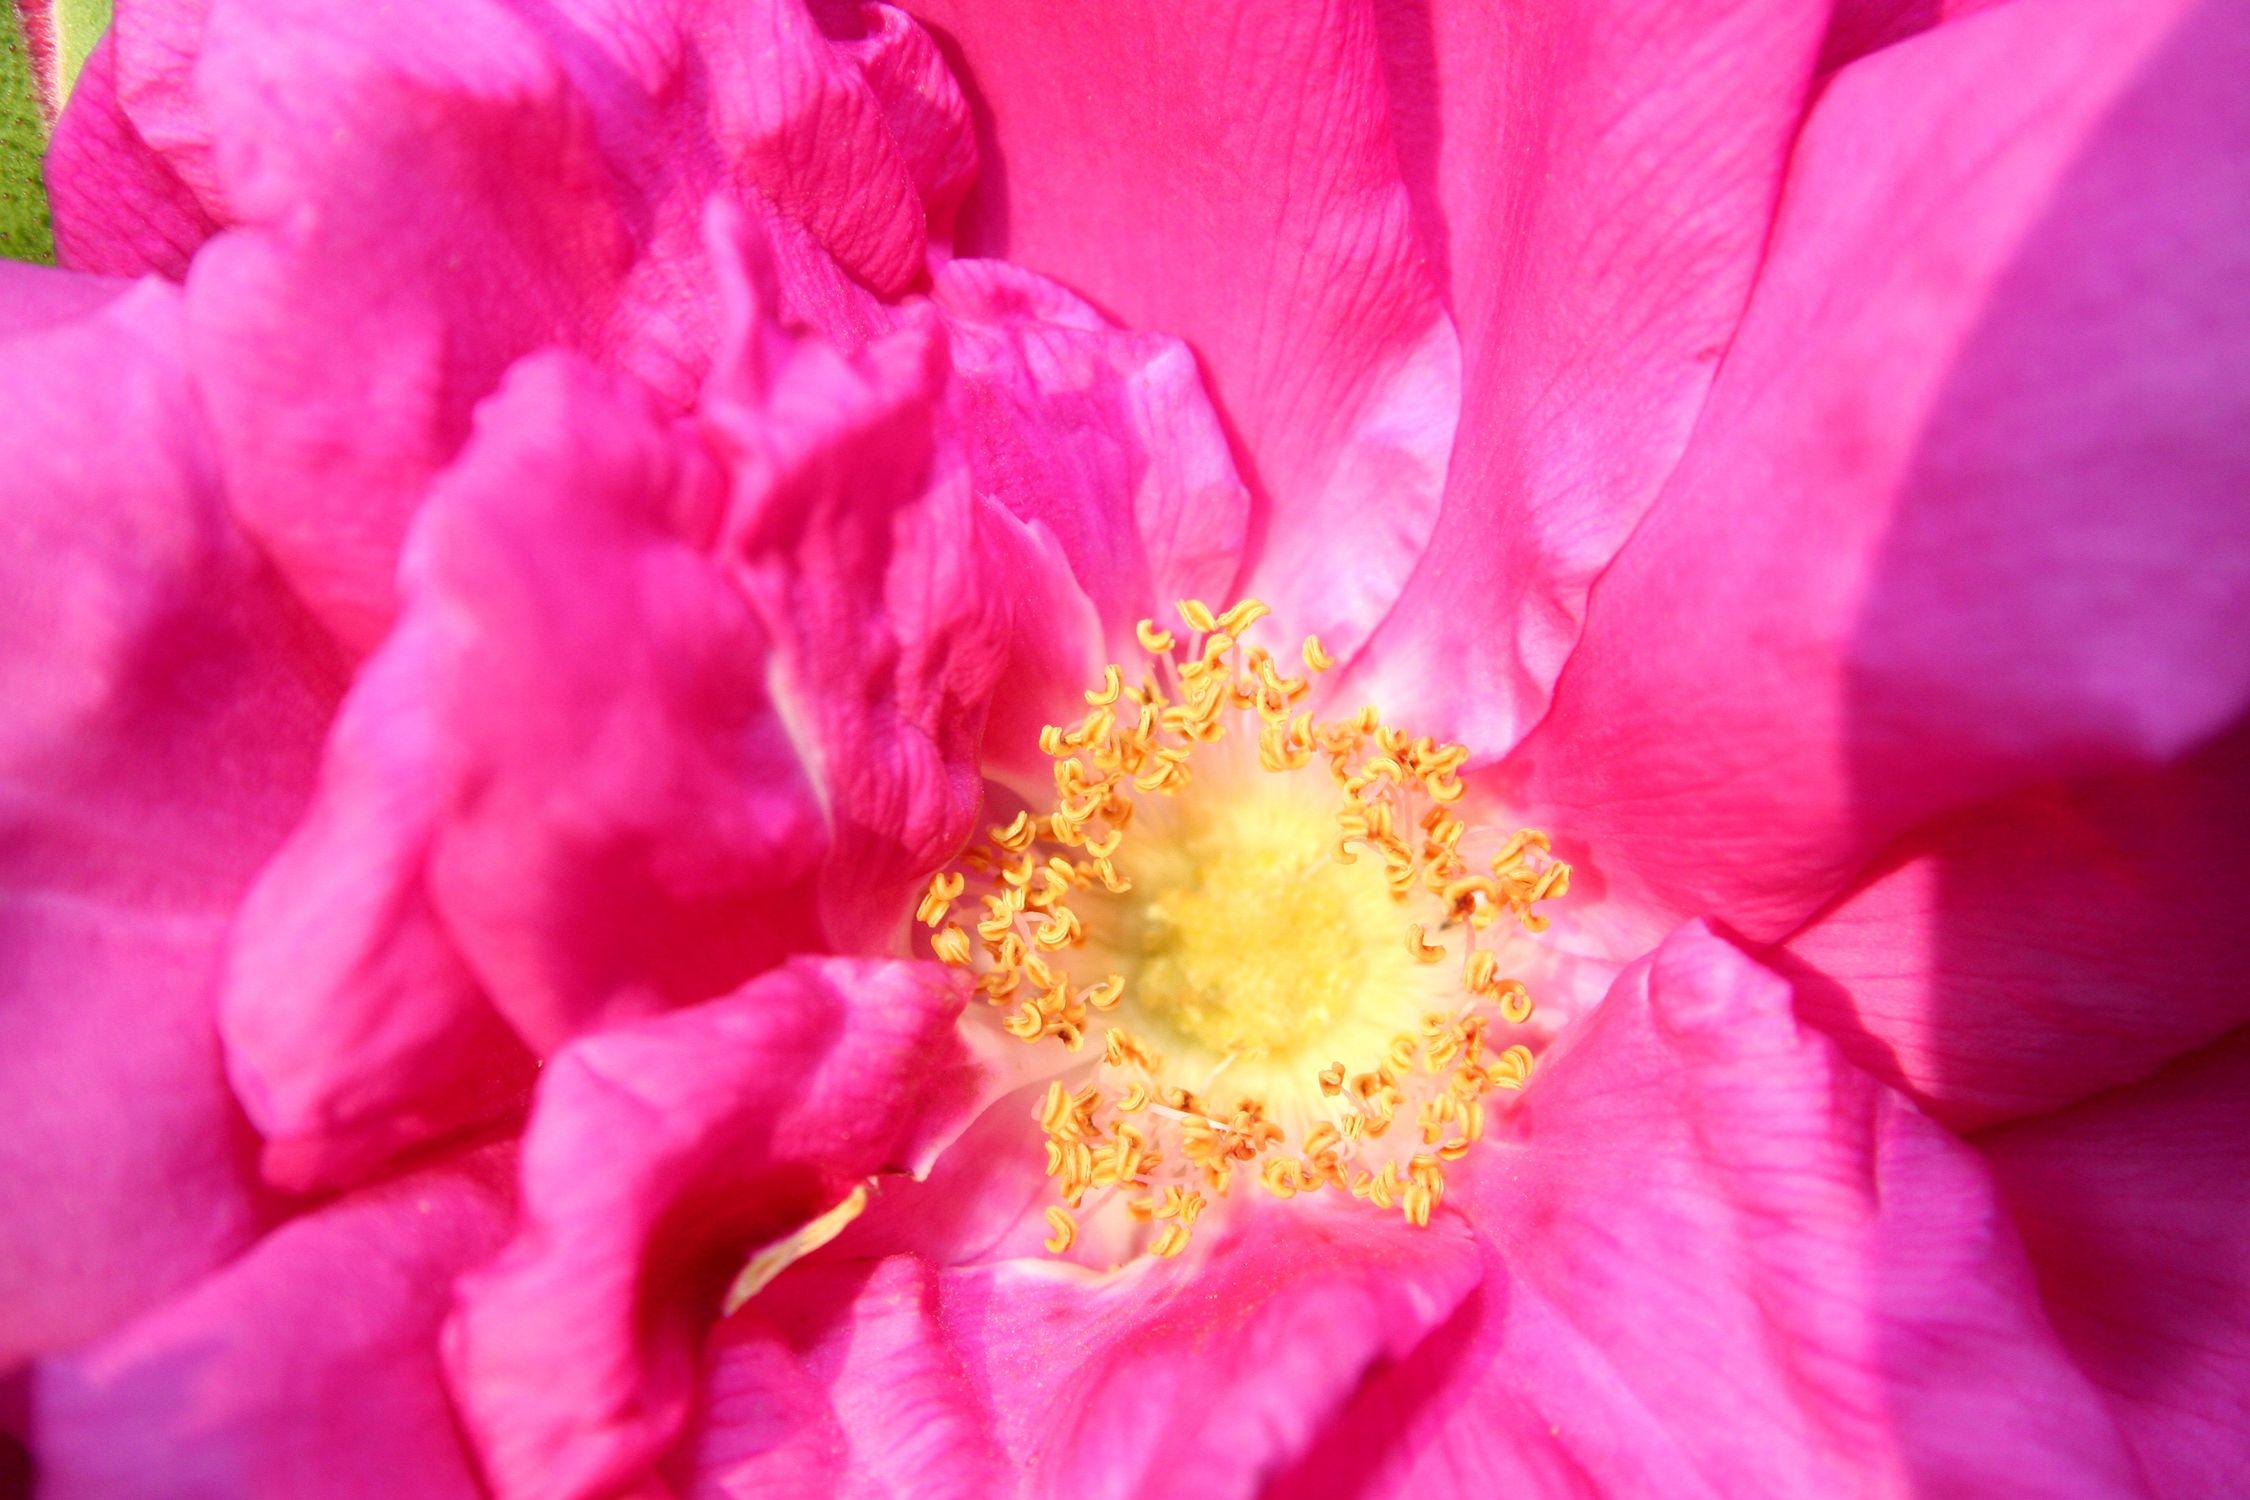 Bild mit Farben, Gelb, Natur, Pflanzen, Blumen, Rosa, Rosen, Magenta, Kamelien